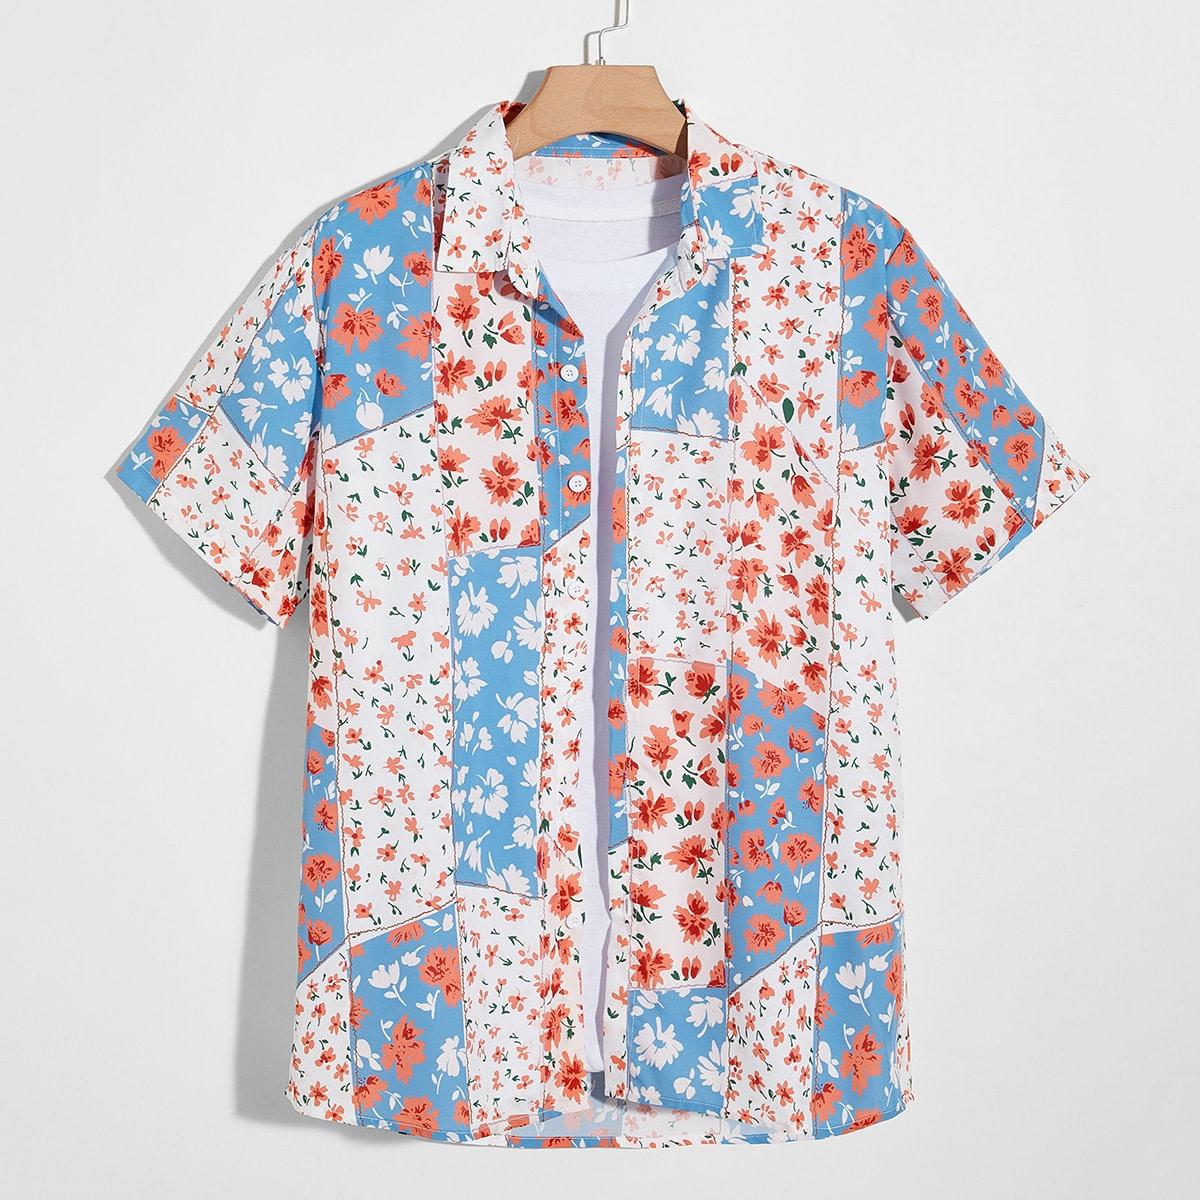 Мужской Рубашка с цветочным рисунком & с принтом пэчворк